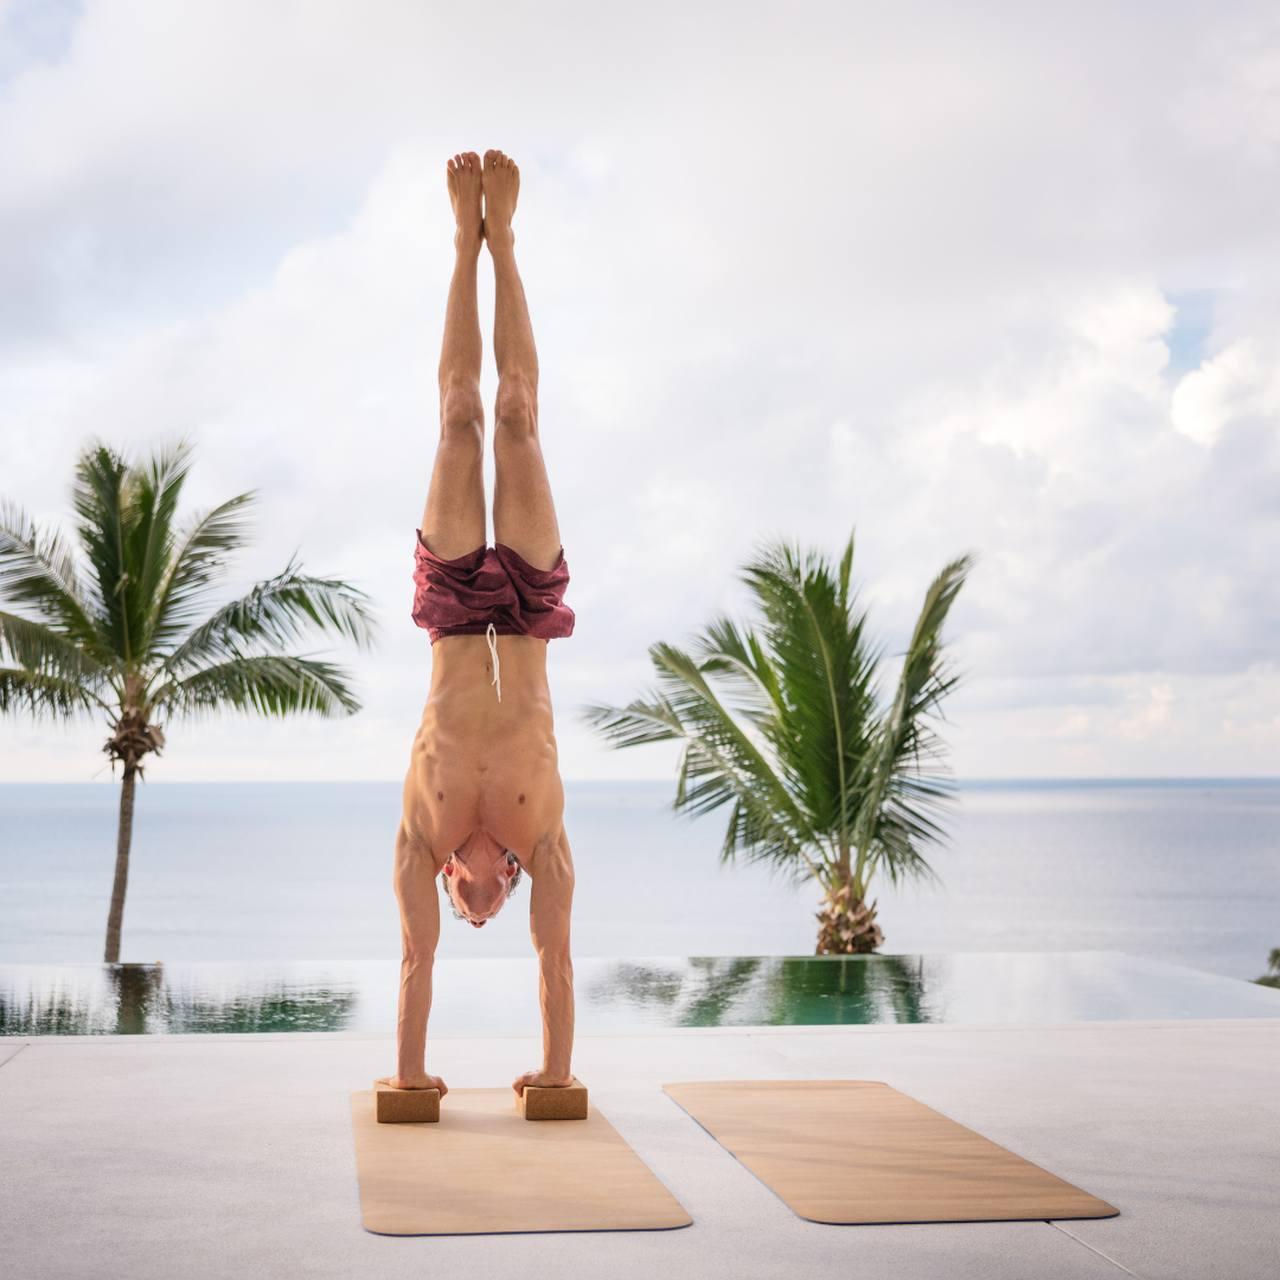 Bloco de Yoga e Pilates - Cortiça Natural - Sustentável e Ecológico